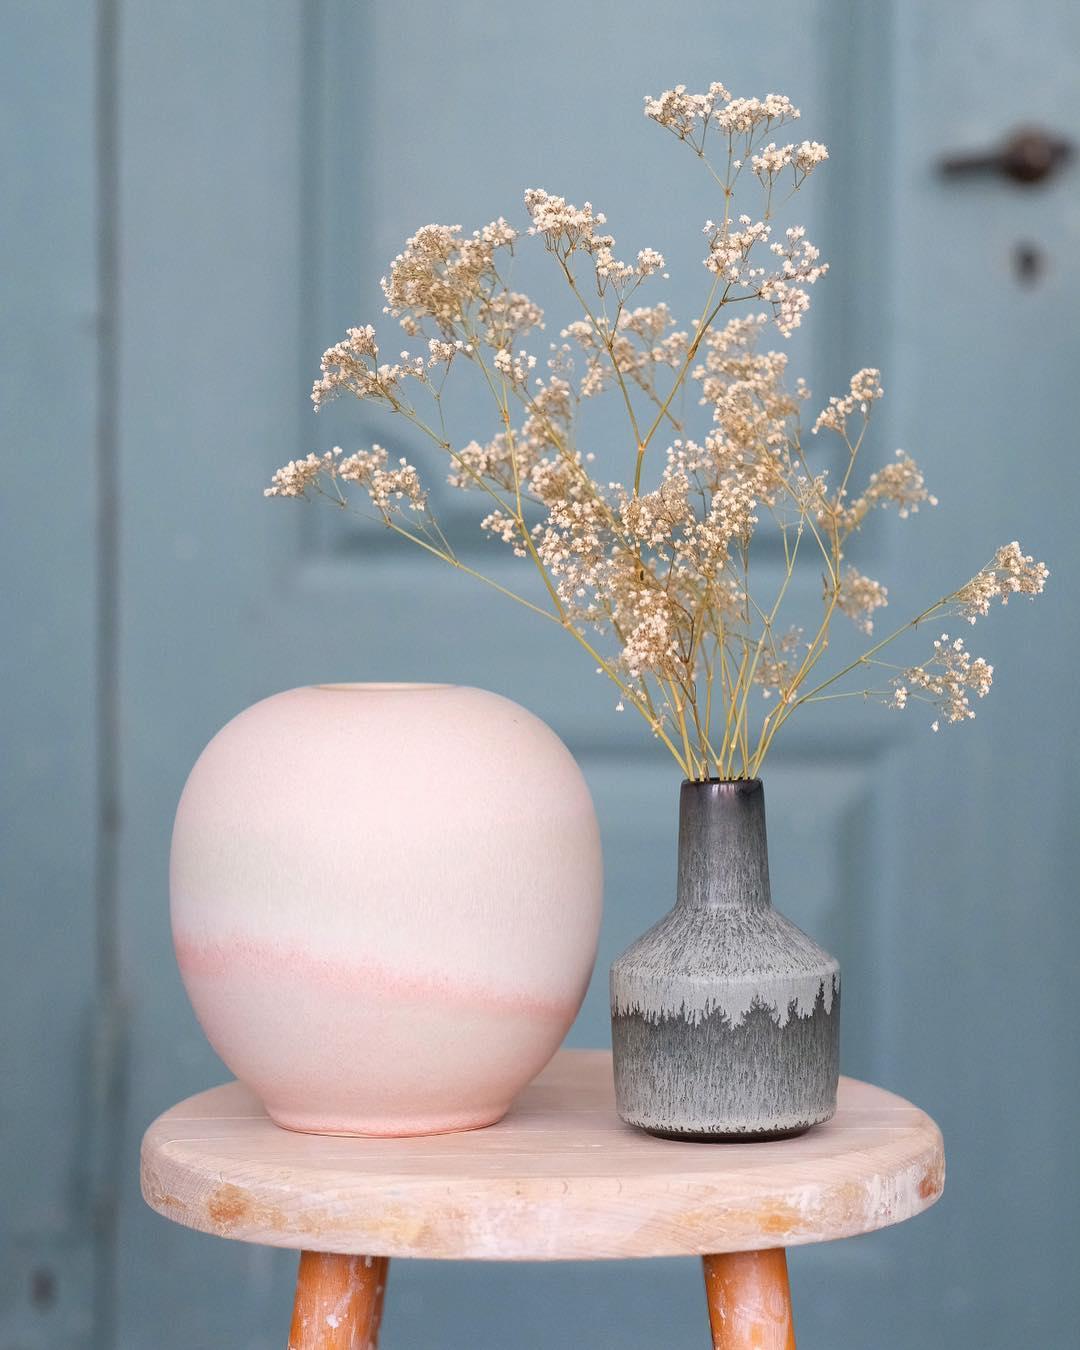 公式インスタグラム   @tortus   より。やさしい花瓶のコレクションが多い。